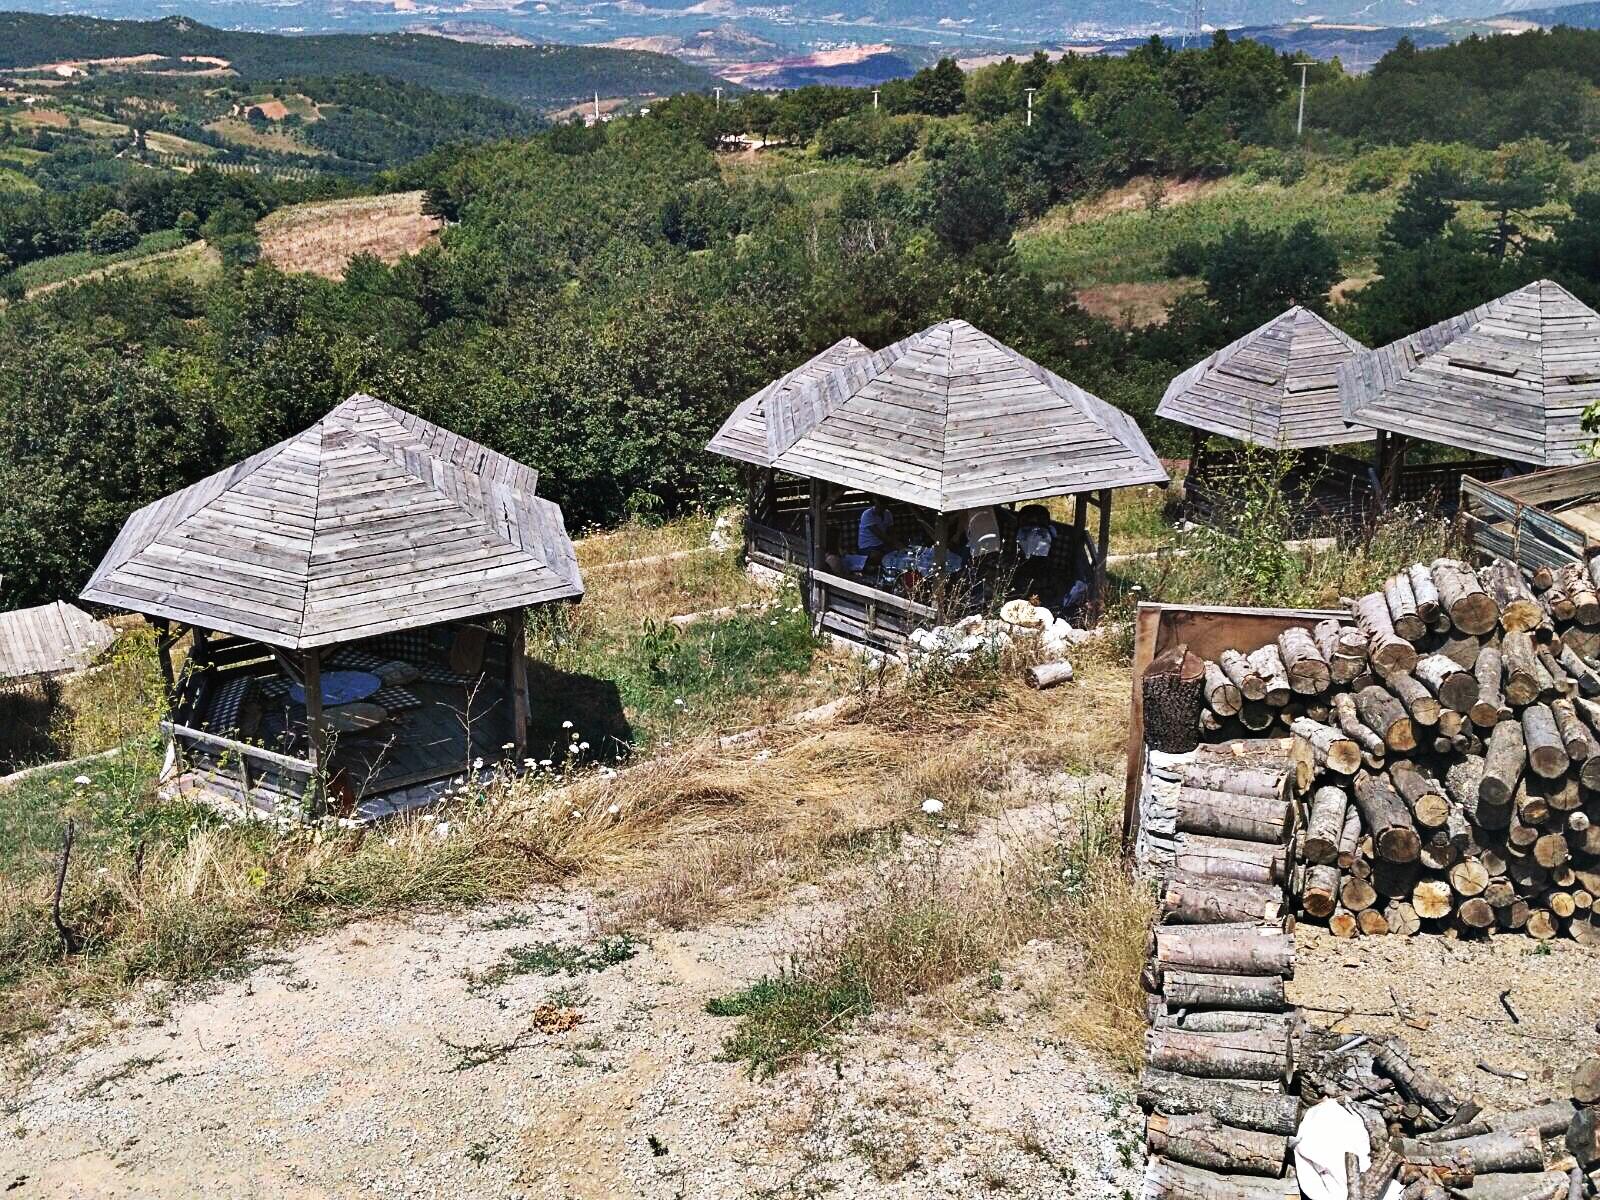 Yazı: Alaçam Köyü | Yazan: Nihan Deveci